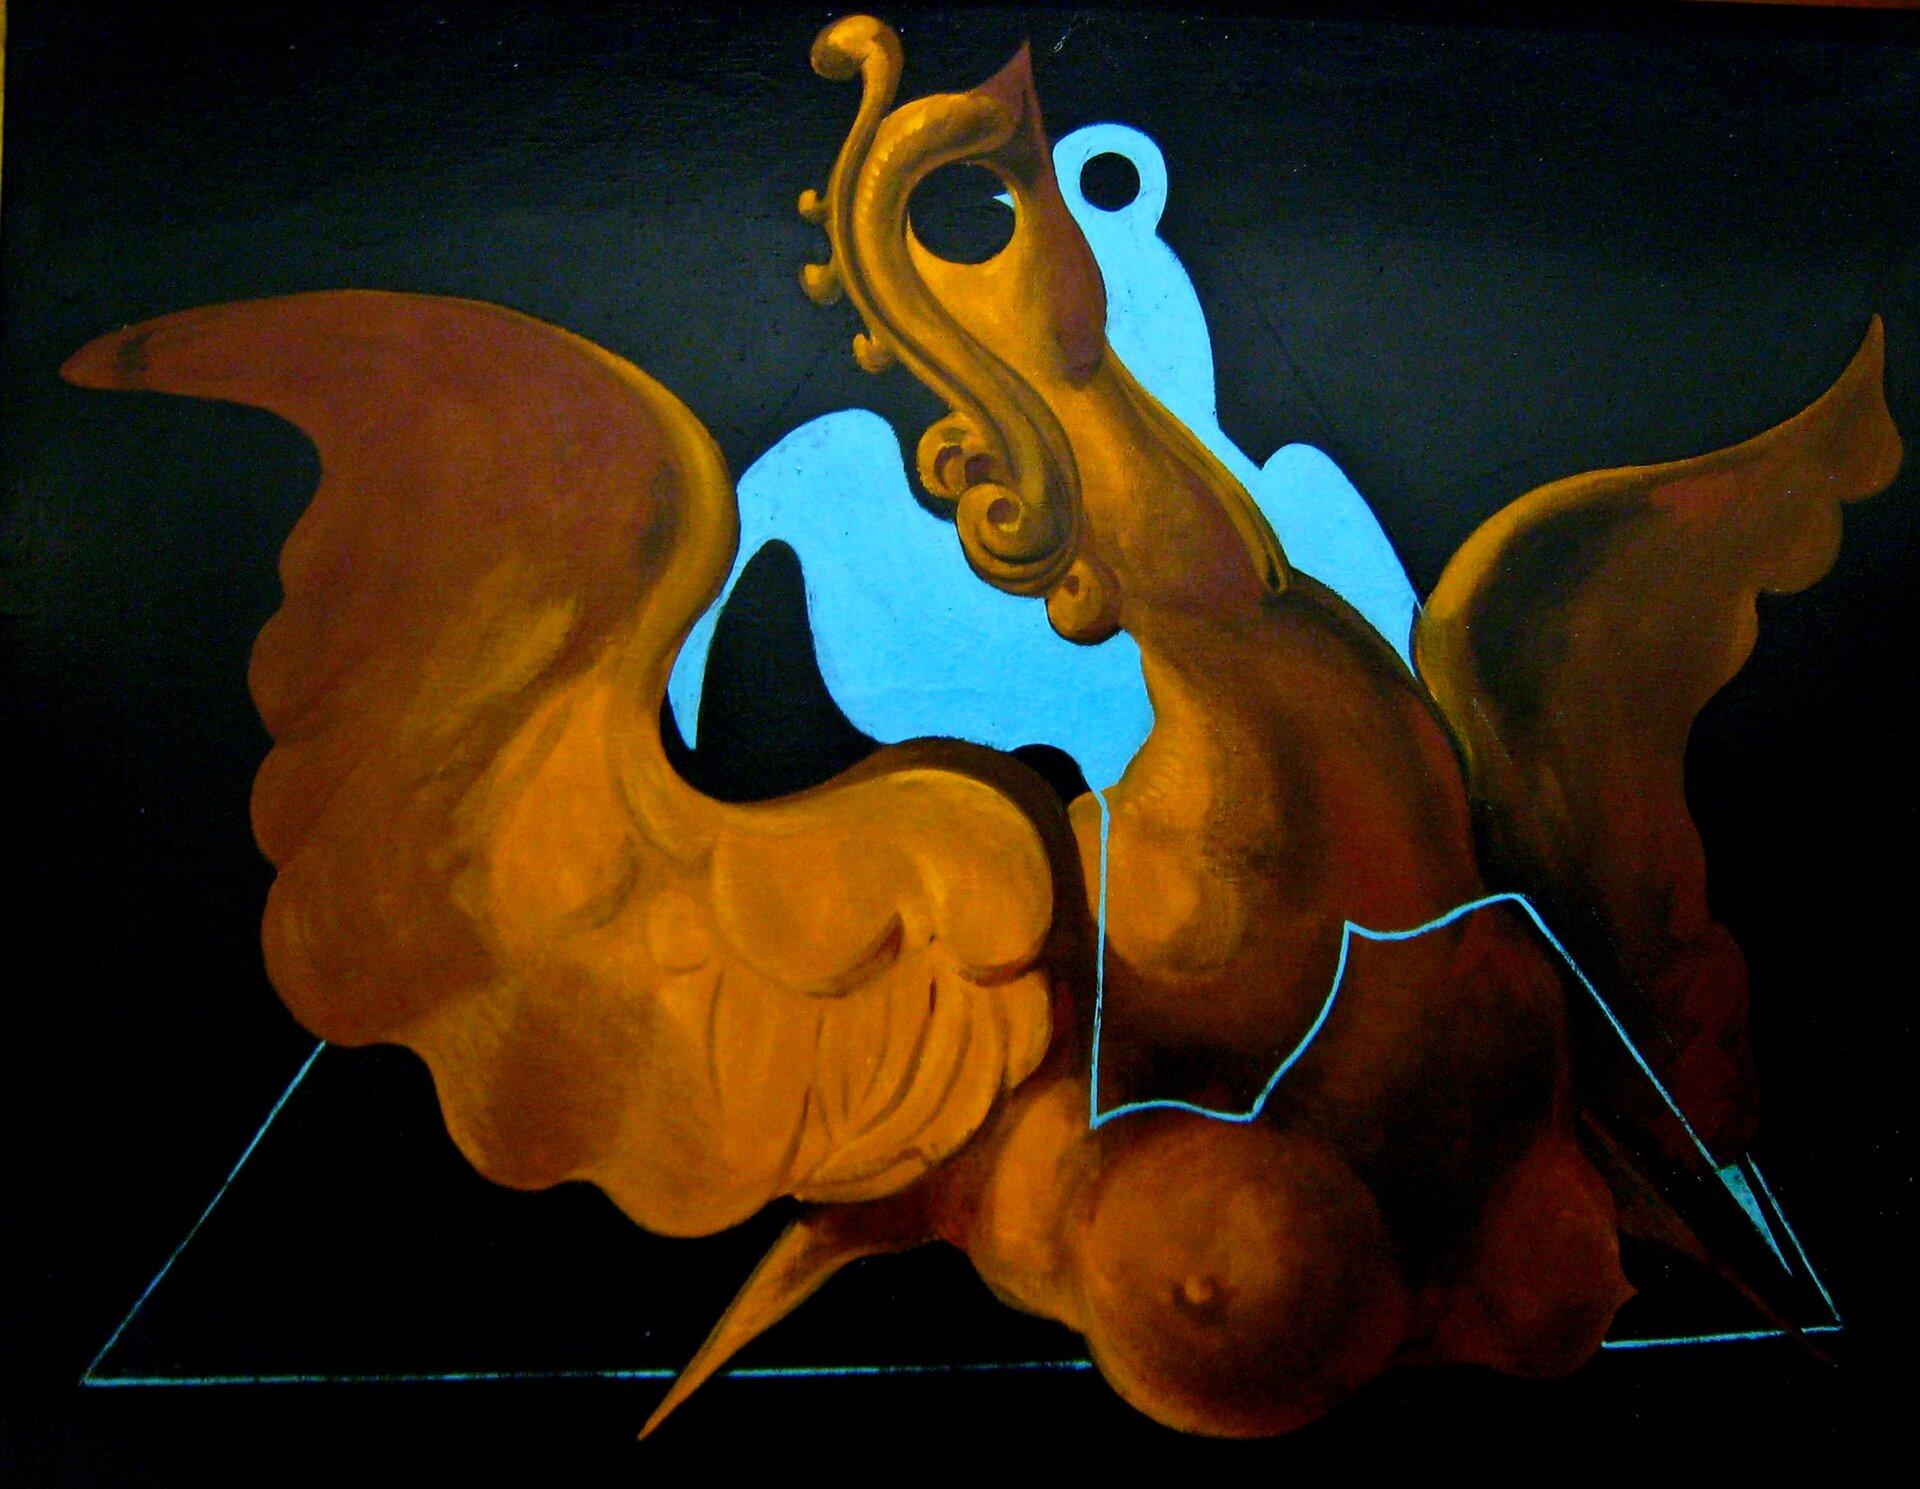 """Ilustracja przedstawia obraz olejny """"chimera"""" zcyklu """"Upłaszczyznowienia"""" autorstwa Maxa Ernsta. Dzieło ukazuje surrealistyczną postać żółto złotego ptaka orozpostartych skrzydłach ikobiecych piersiach, na czarnym tle. Oko stanowi otwór, głowę zdobią zawinięte wloki pióra. Postać ptaka wpisana jest wbłękitny kontur trójkąta, zakończonego ugóry nieregularną błękitną płaszczyzną."""